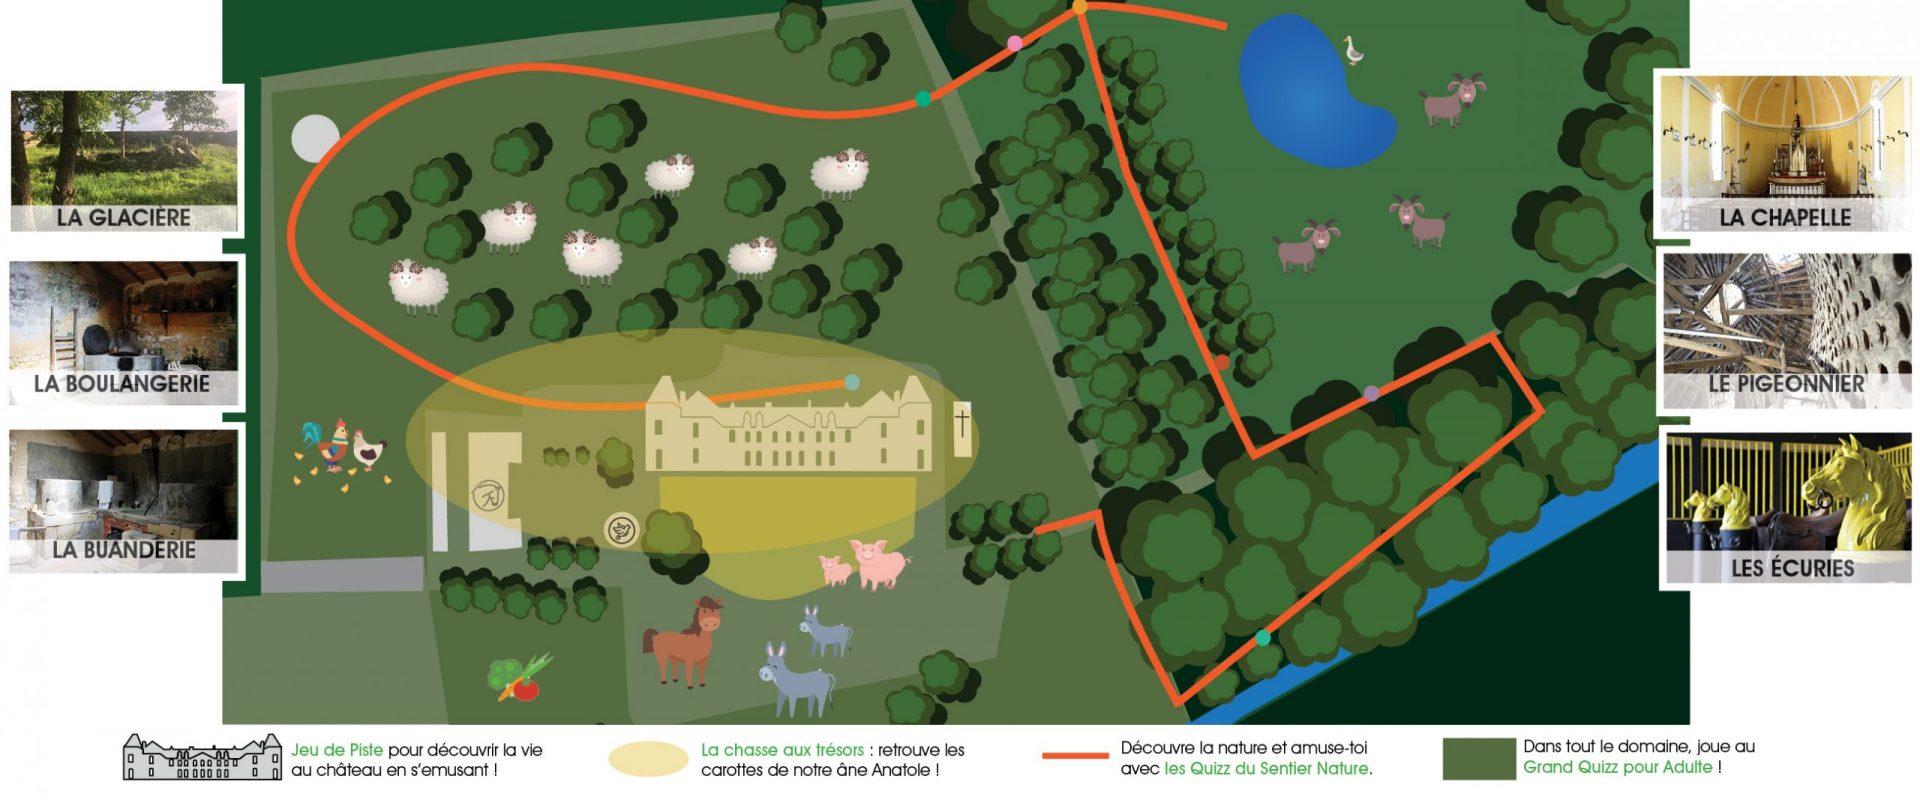 Parcours Jeux Chateau de Panloy